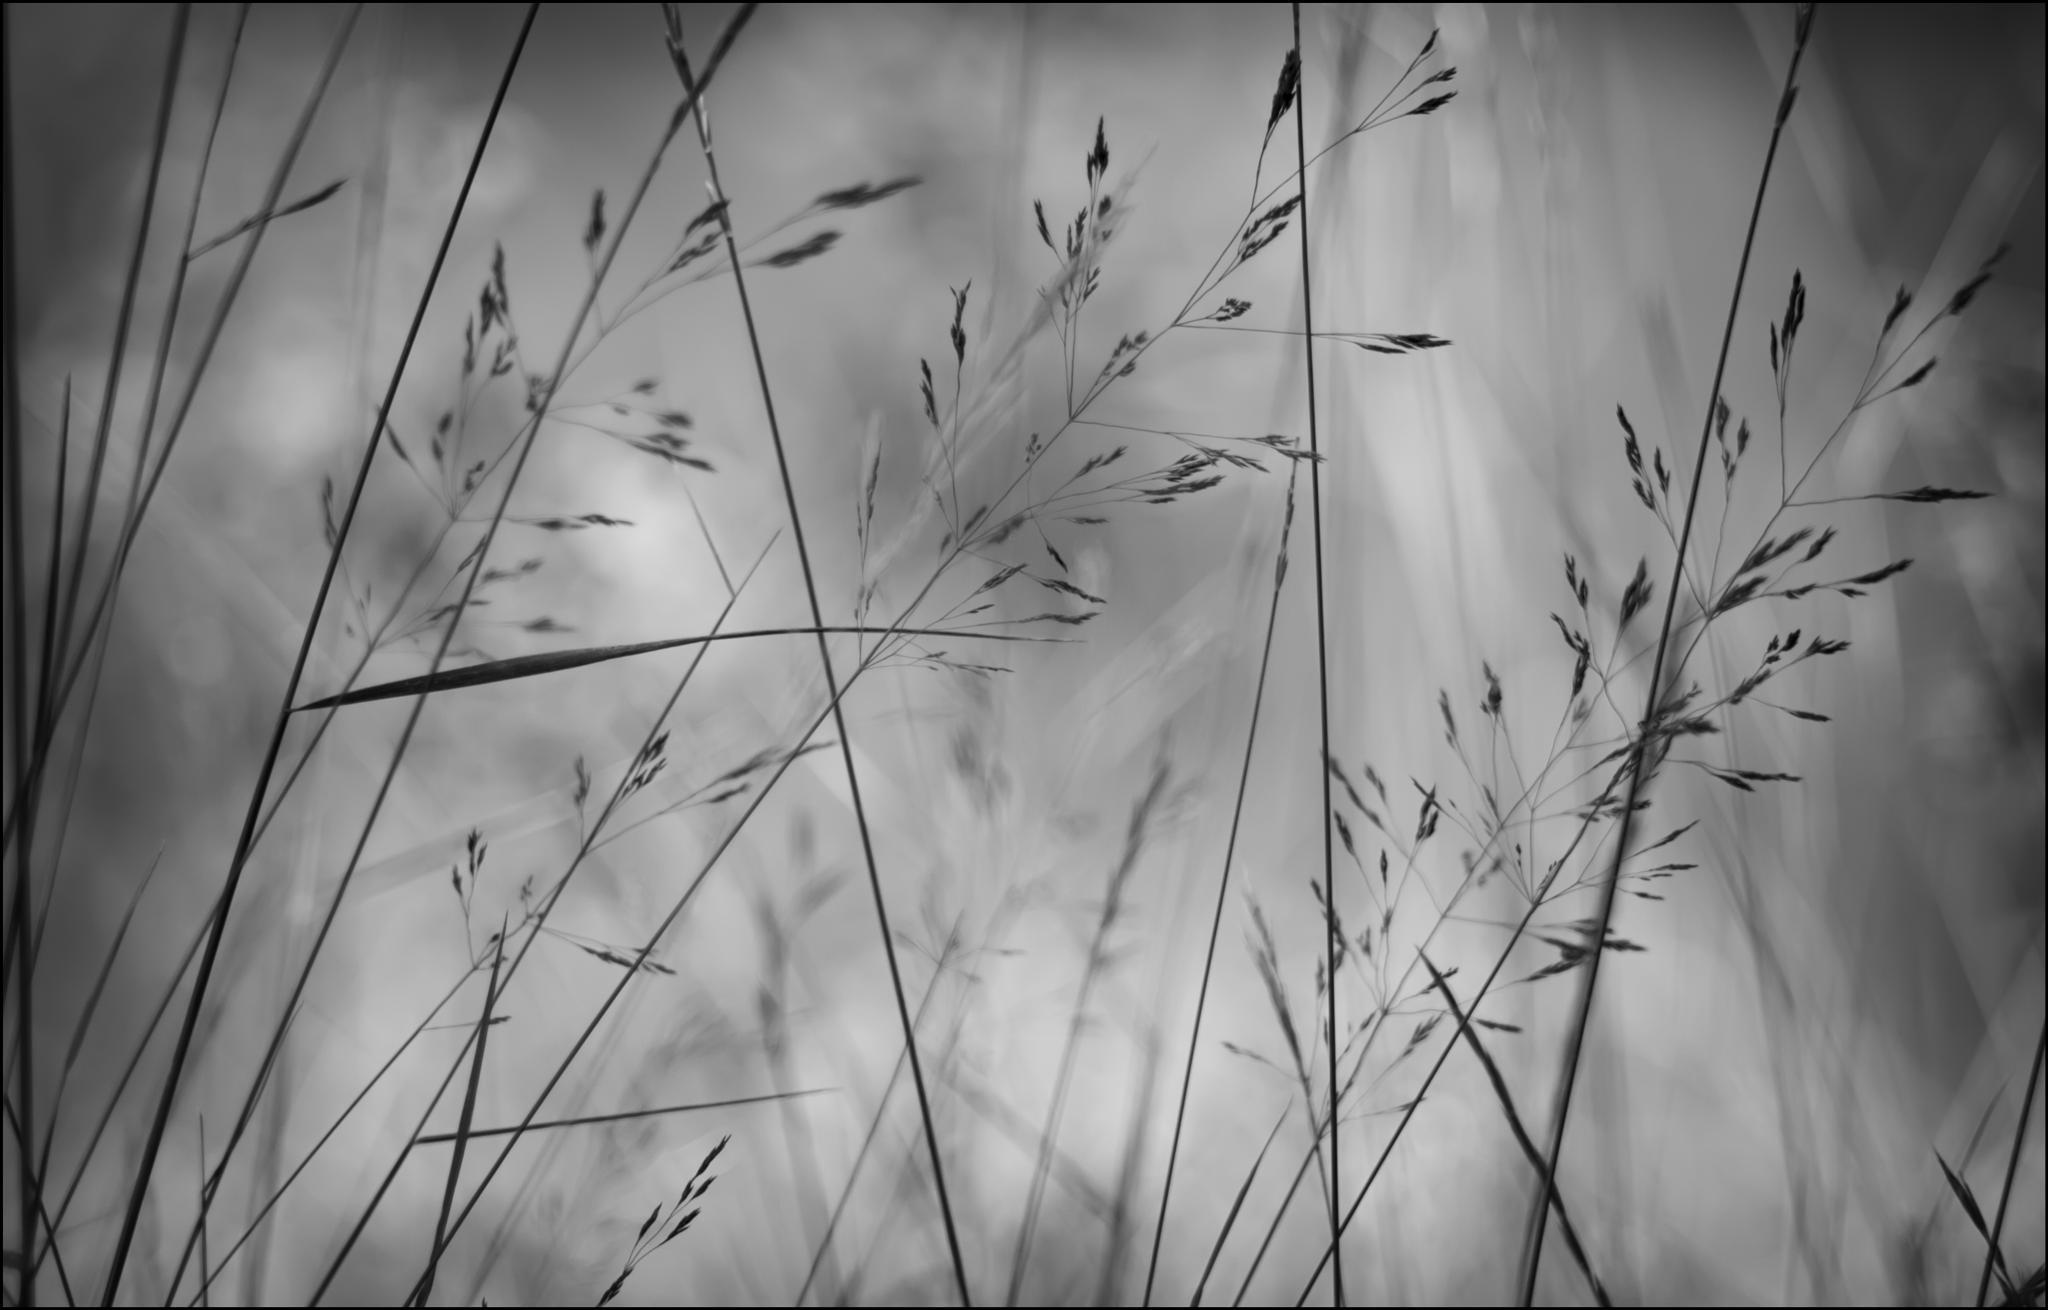 On the meadow by Zoran Radakovic